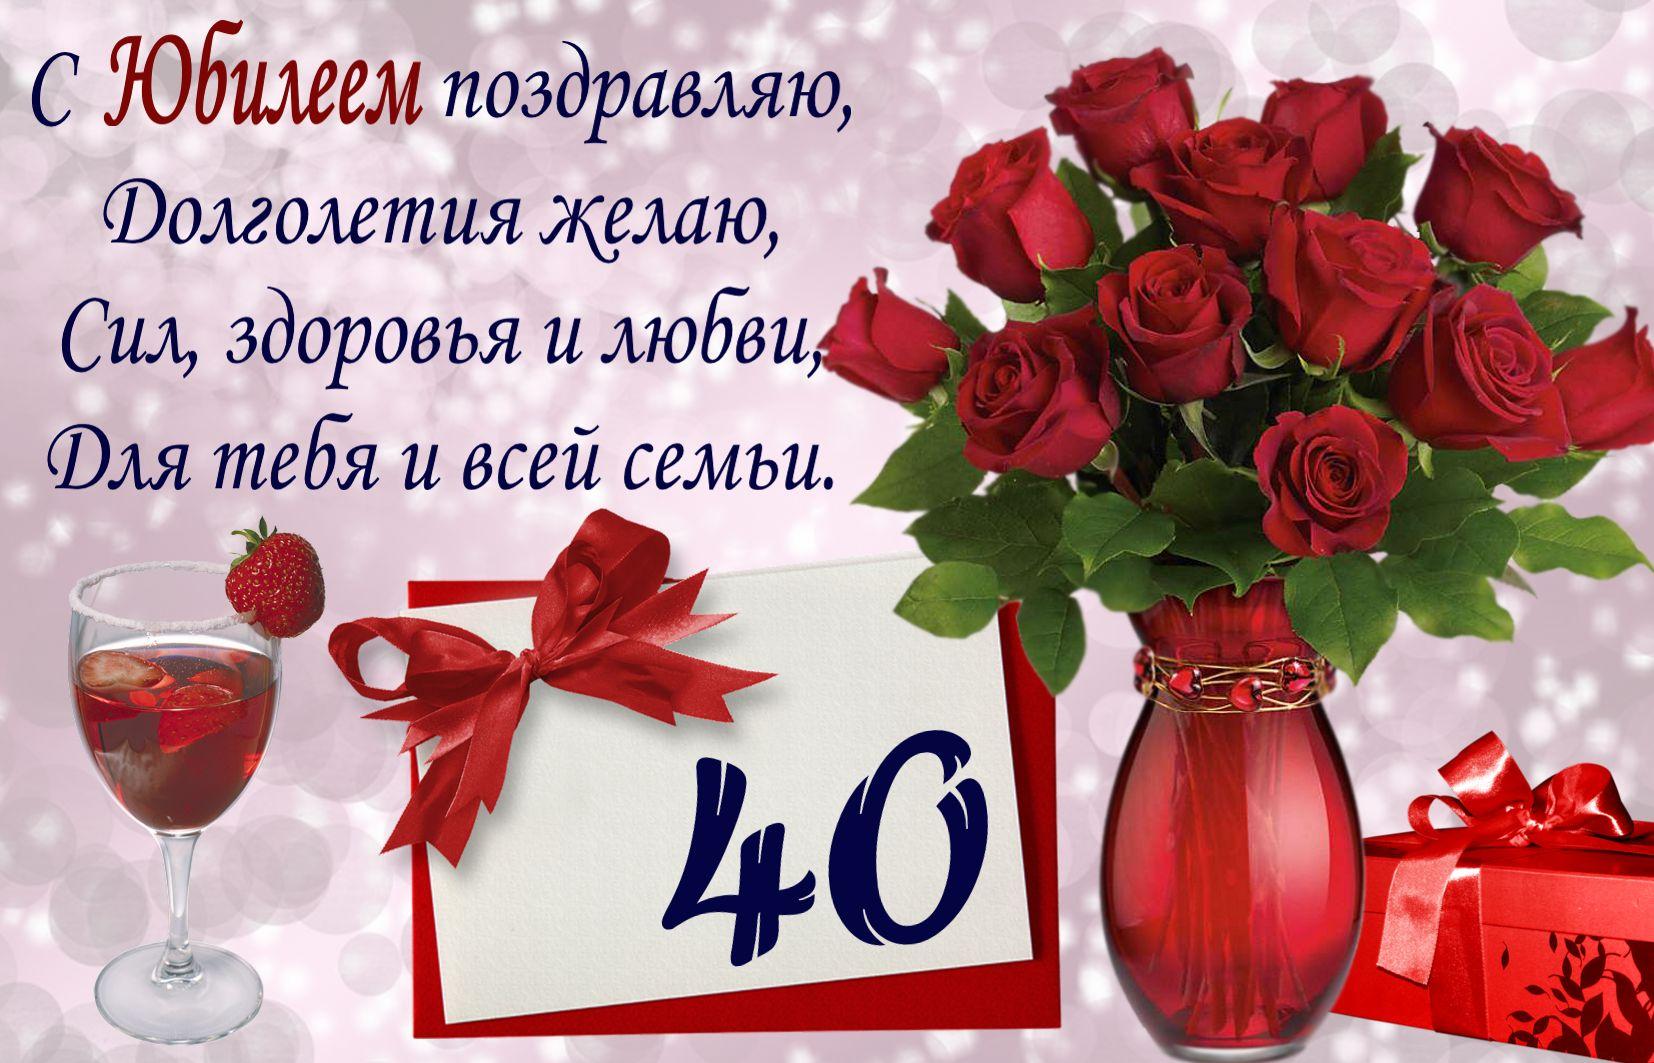 Поздравления от дочери на юбилей мамы 80 лет